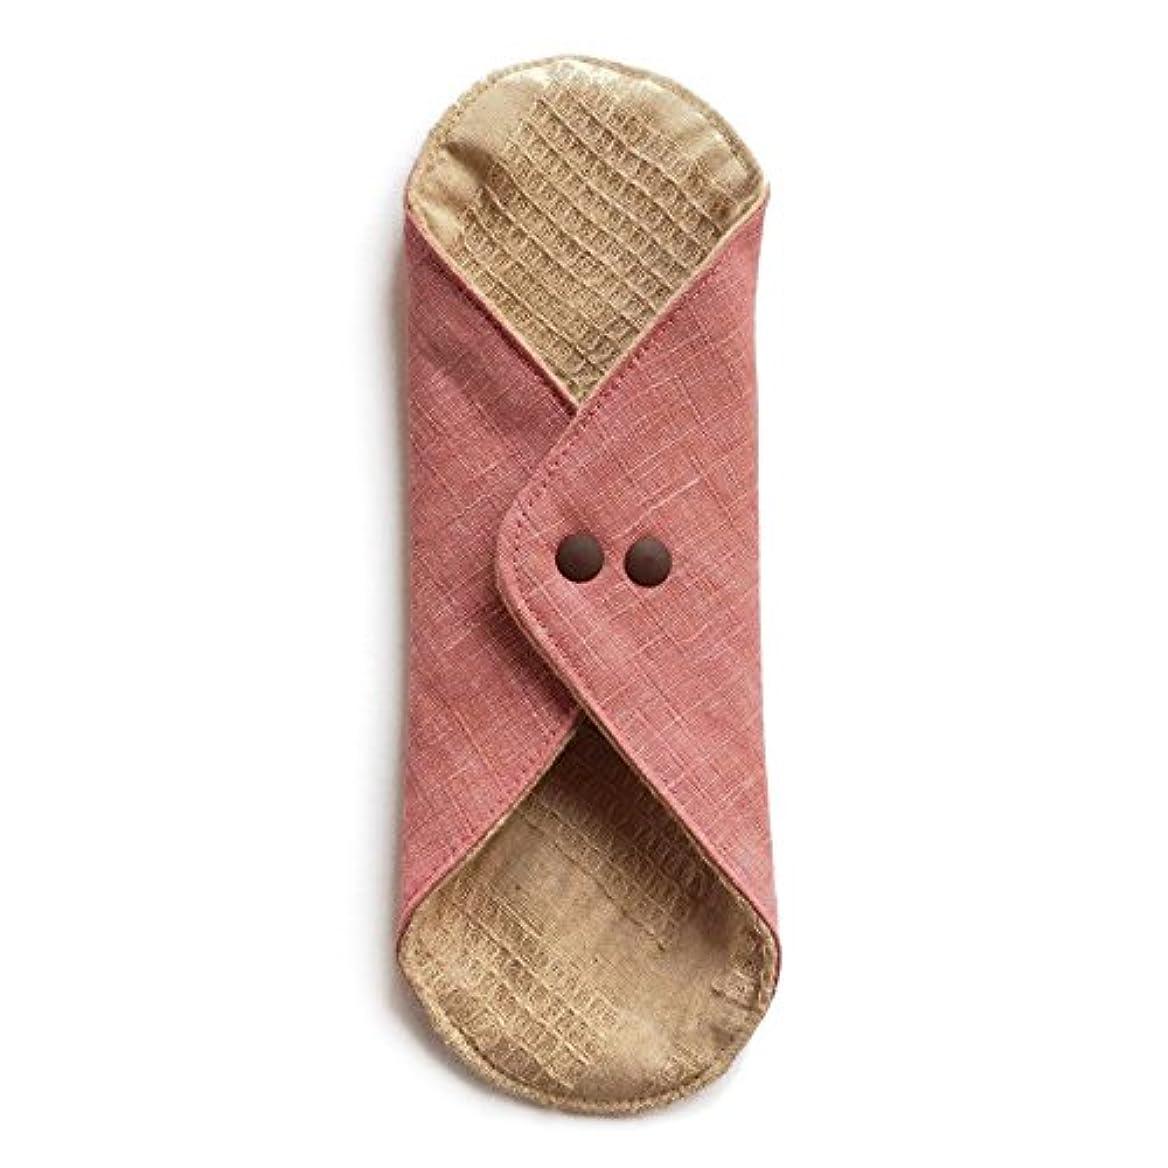 舗装たるみコーンウォール華布のオーガニックコットンのあたため布 Lサイズ (約18×約20.5×約0.5cm) 彩り(桃)